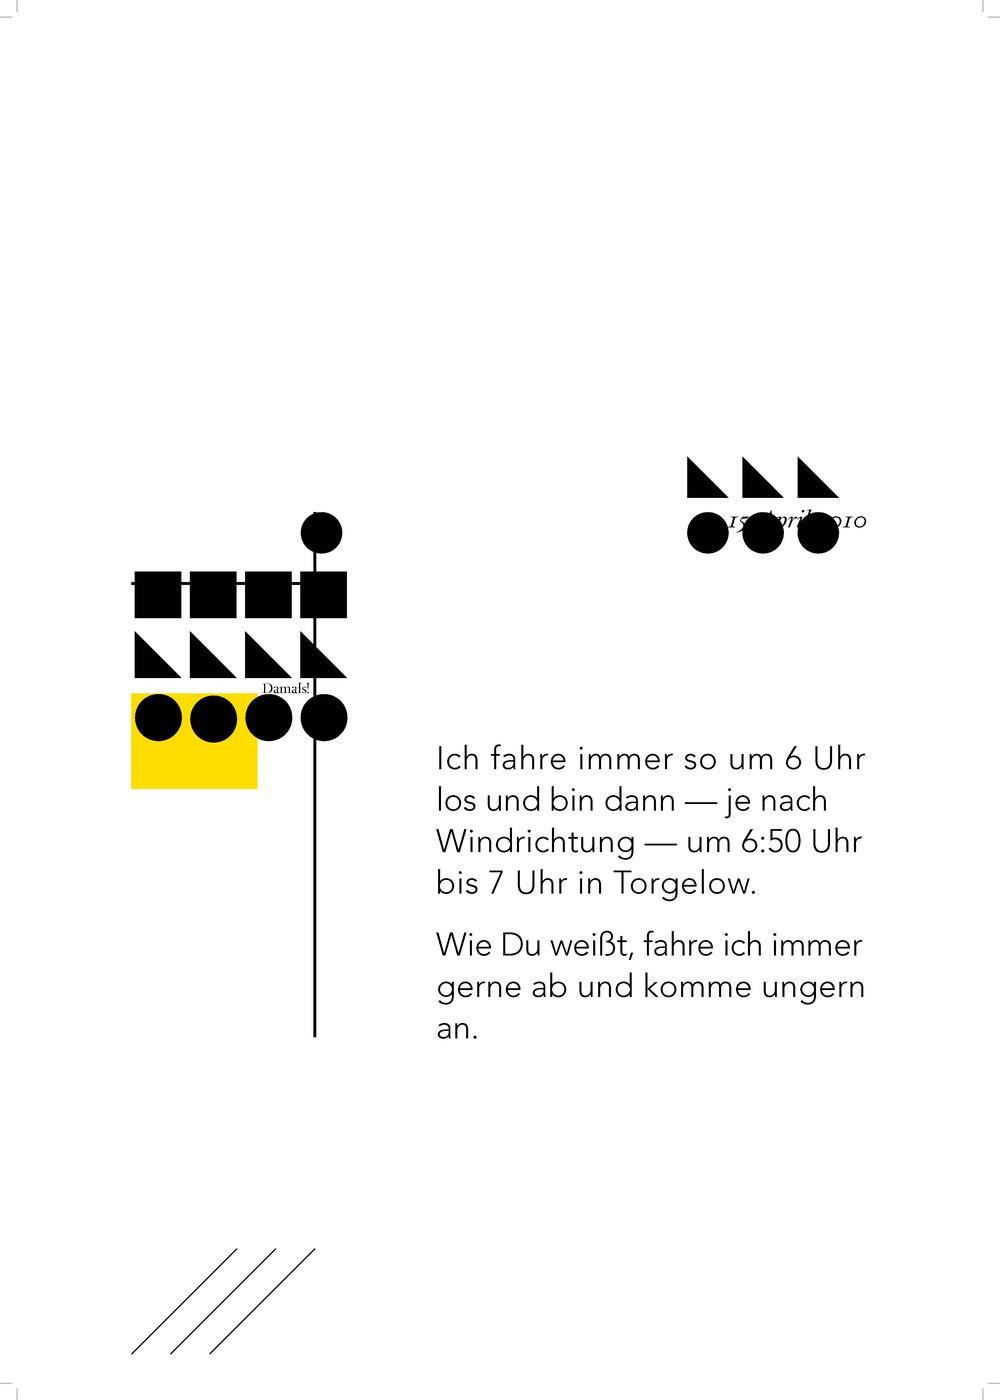 Seite aus 06_Briefe_typografische Arbeit-6.jpg